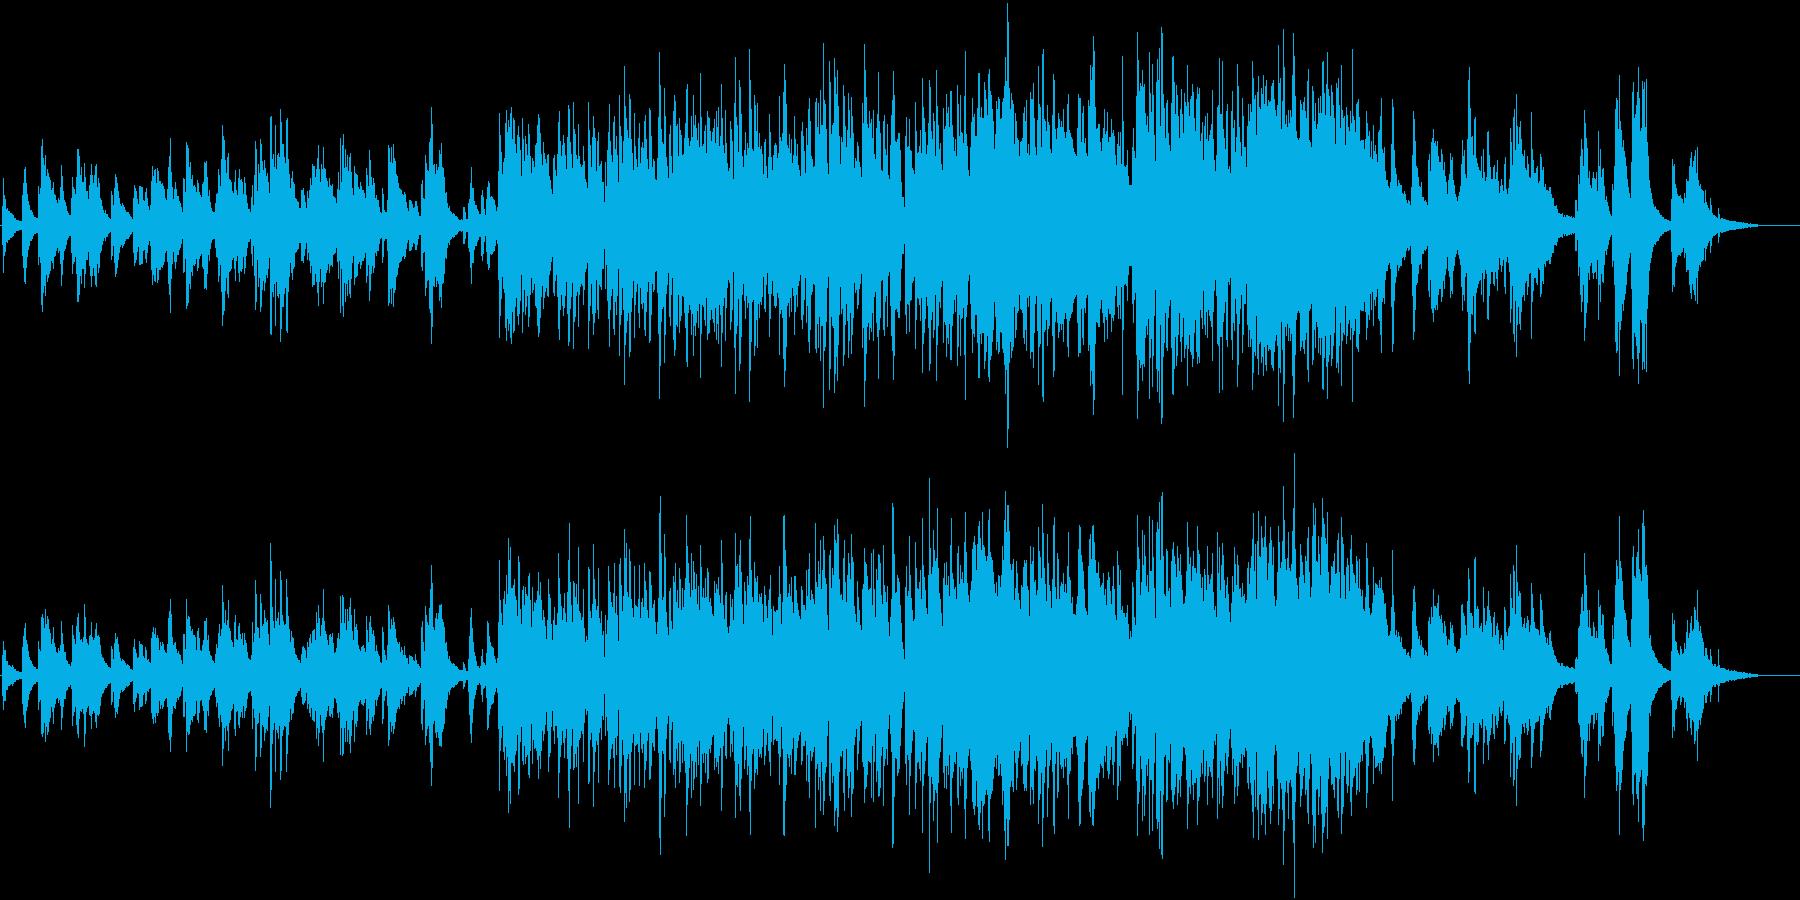 少し切ないピアノとハーモニカのバラードの再生済みの波形